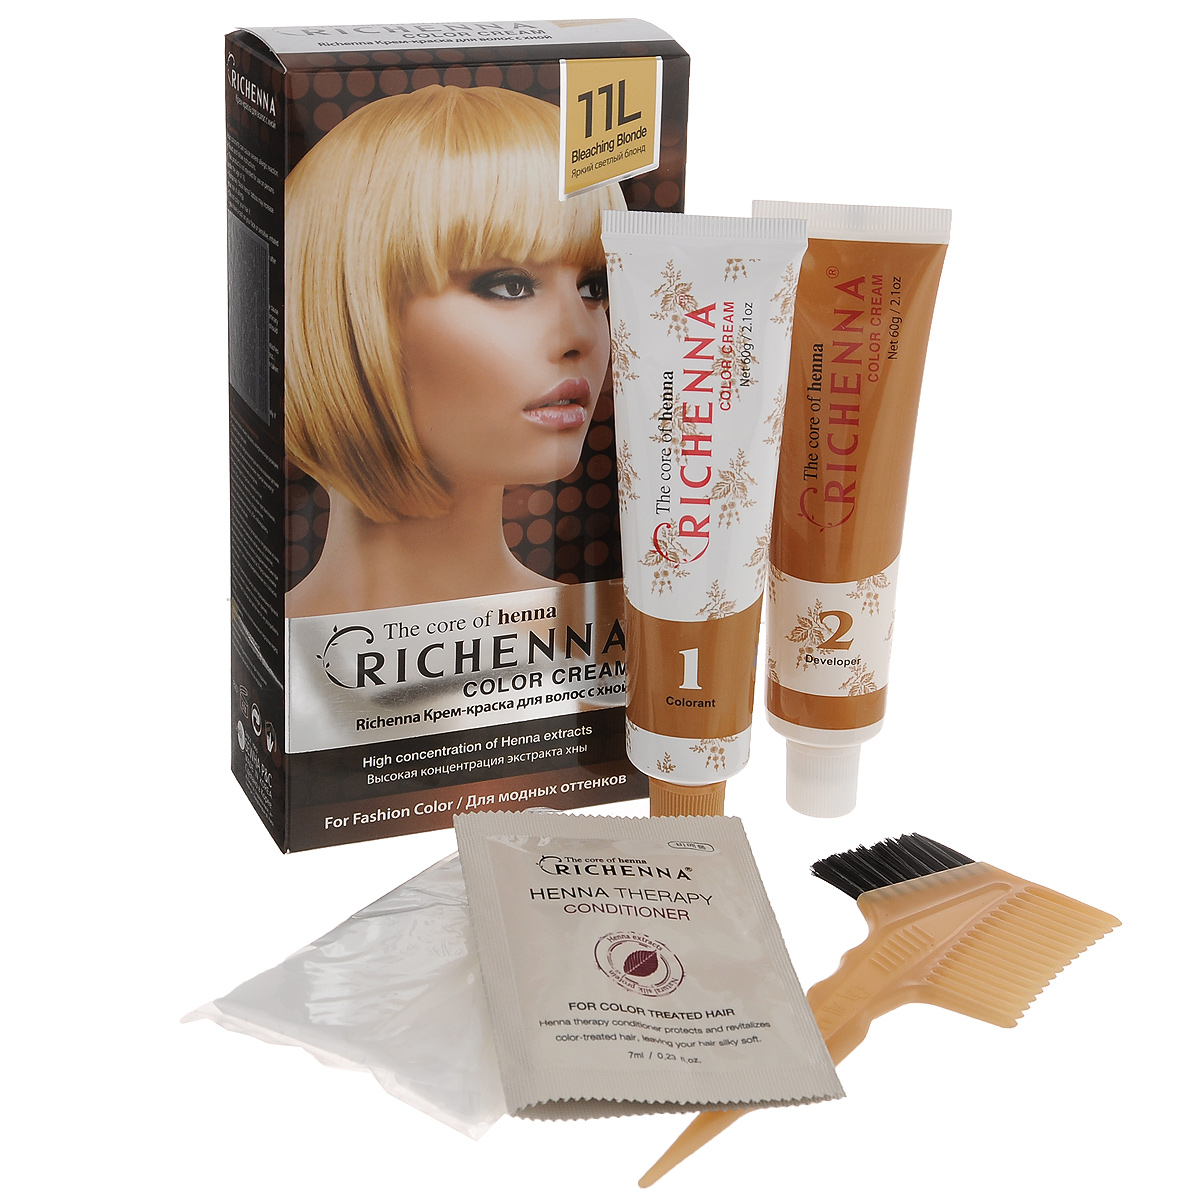 Крем-краска для волос Richenna с хной, 11L. Яркий светлый блондин29009Крем-краска для волос Richenna с хной рекомендуется для безопасного изменения цвета волос, полного окрашивания седых волос и в случае повышенной чувствительности к искусственным компонентам краски для волос. Высокая концентрация экстракта хны в составе крем-краски позволяет уменьшить повреждение волос, сделать их эластичными и здоровыми, придает волосам живой цвет и красивый блеск. Не раздражая кожу, крем-краска полностью закрашивает седину и обладает приятным цветочным ароматом. Упаковка средства в 2-х отдельных тубах позволяет использовать средство несколько раз в зависимости от объема и длины волос. Благодаря кремовой текстуре хорошо наносится и не течет. Время окрашивания 20-30 мин. Характеристики:Номер краски: 11L.Цвет: яркий светлый блондин.Объем крем-краски: 60 г.Объем крем-окислителя: 60 г.Объем шампуня с хной: 10 мл.Объем кондиционера с хной: 7 мл.Производитель: Корея.В комплекте: 1 тюбик с крем-краской, 1 тюбик с крем-окислителем, 1 пакетик с шампунем, 1 пакетик с кондиционером, 1 пара перчаток, накидка, пластиковая тара, расческа-кисточка для нанесения и распределения крем-краски и инструкция по применению. Товар сертифицирован.Внимание! Продукт может вызвать аллергическую реакцию, которая в редких случаях может нанести серьезный вред вашему здоровью. Проконсультируйтесь с врачом-специалистом передприменением любых окрашивающих средств.